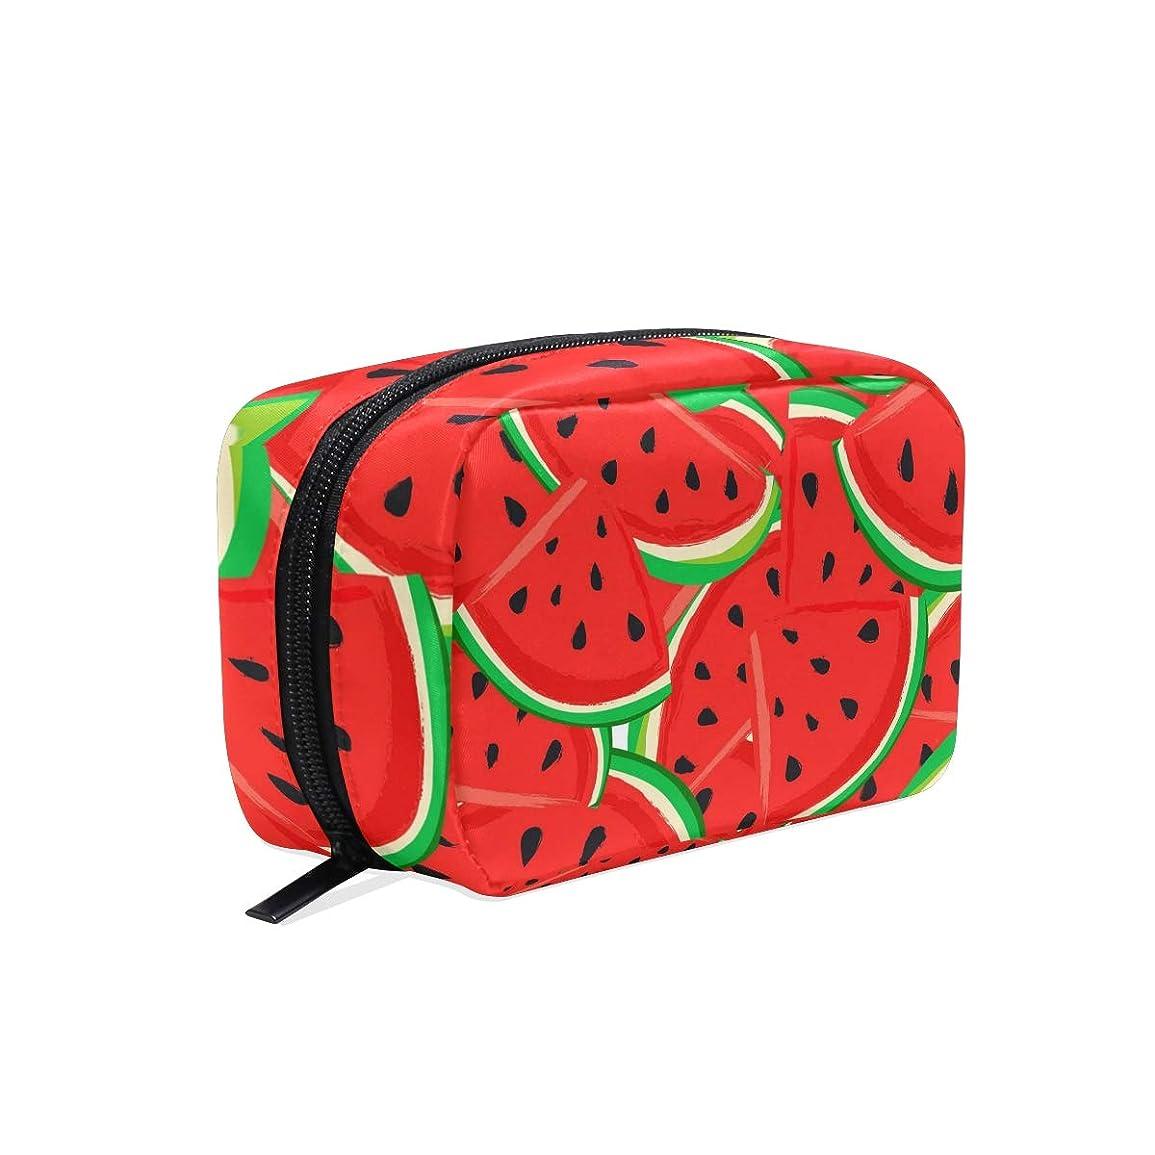 地震オート機密UOOYA おしゃれ 化粧ポーチ スイカ フルーツ柄 Watermelon 軽量 持ち歩き メイクポーチ 人気 小物入れ 収納バッグ 通学 通勤 旅行用 プレゼント用